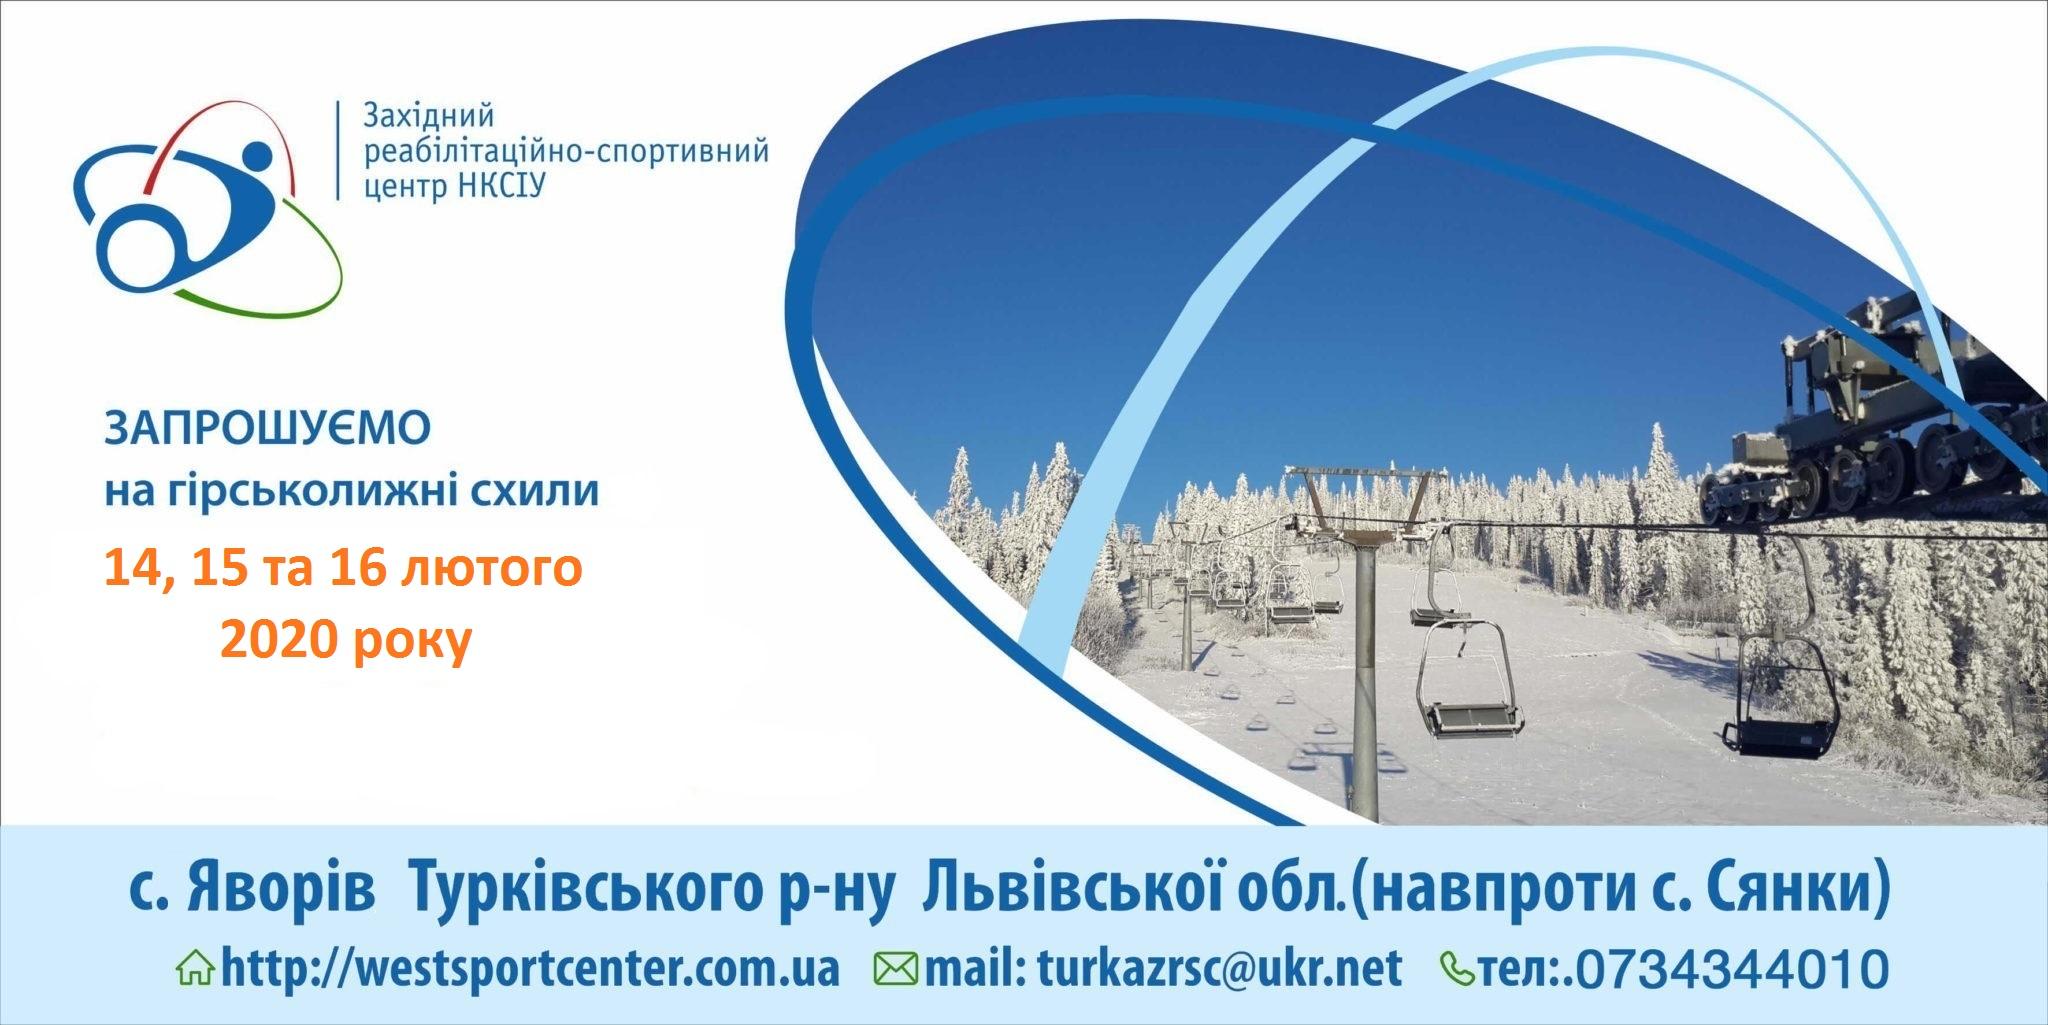 Запрошуємо на гірськолижне катання 31 січня, 1 та 2 лютого 2020 року на Західний реабілітаційно-спортивний центр Національного комітету спорту інвалідів України